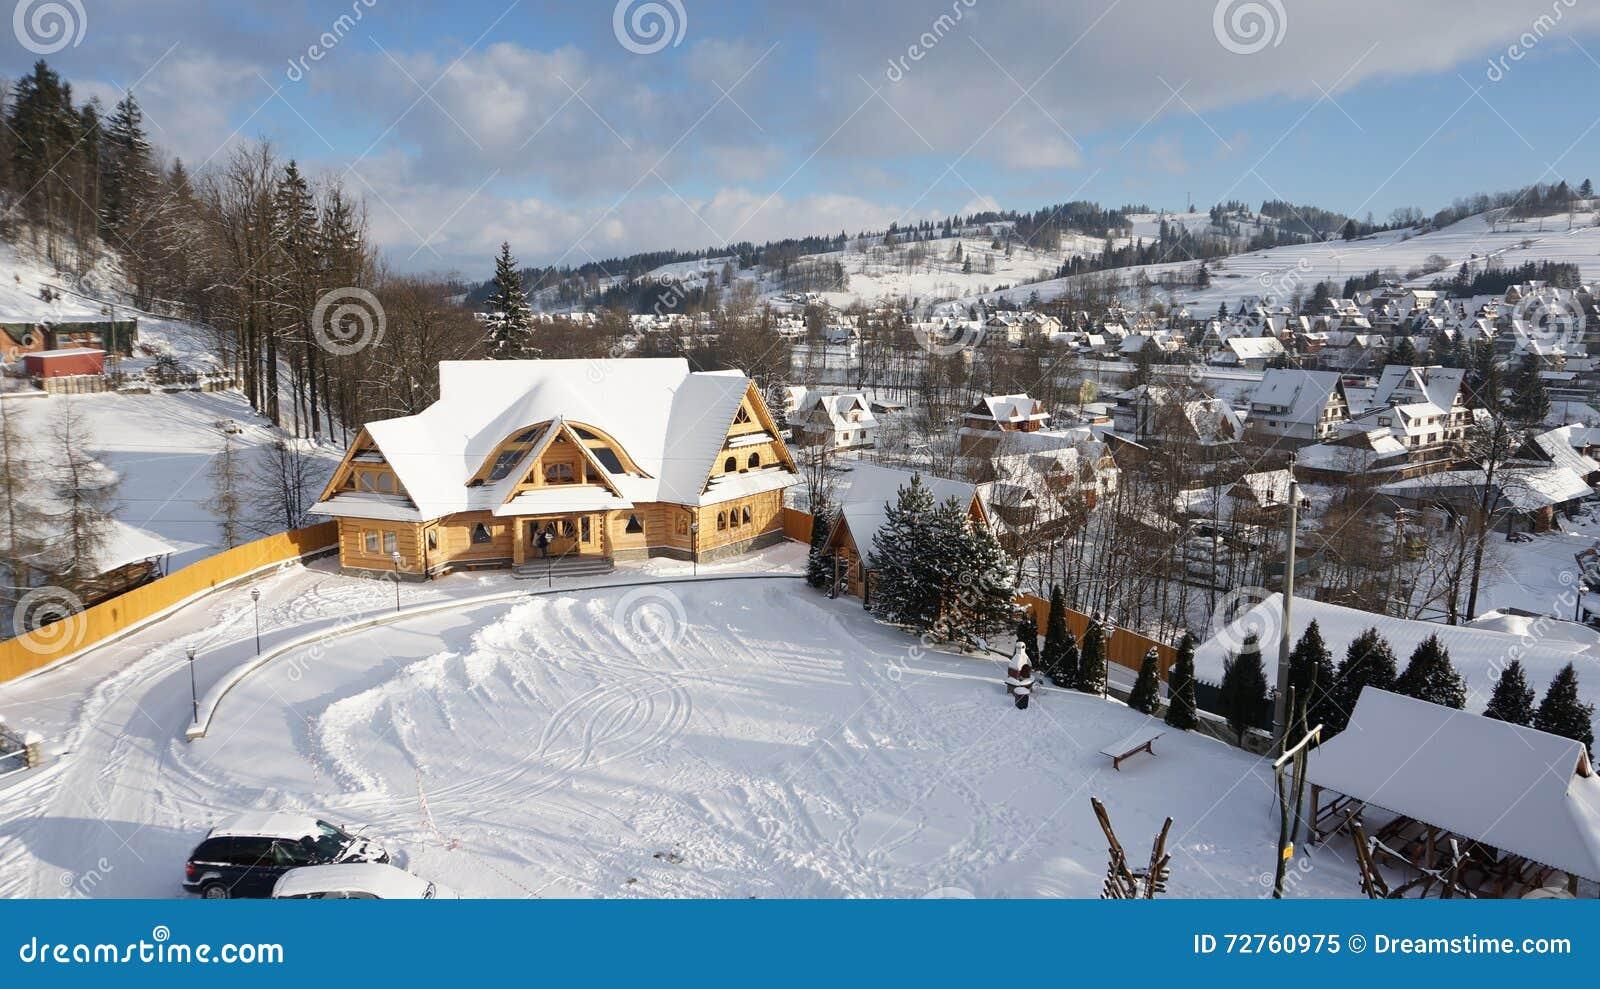 Winter Nature Of The Village Ski Resort Of Zakopane Poland Stock